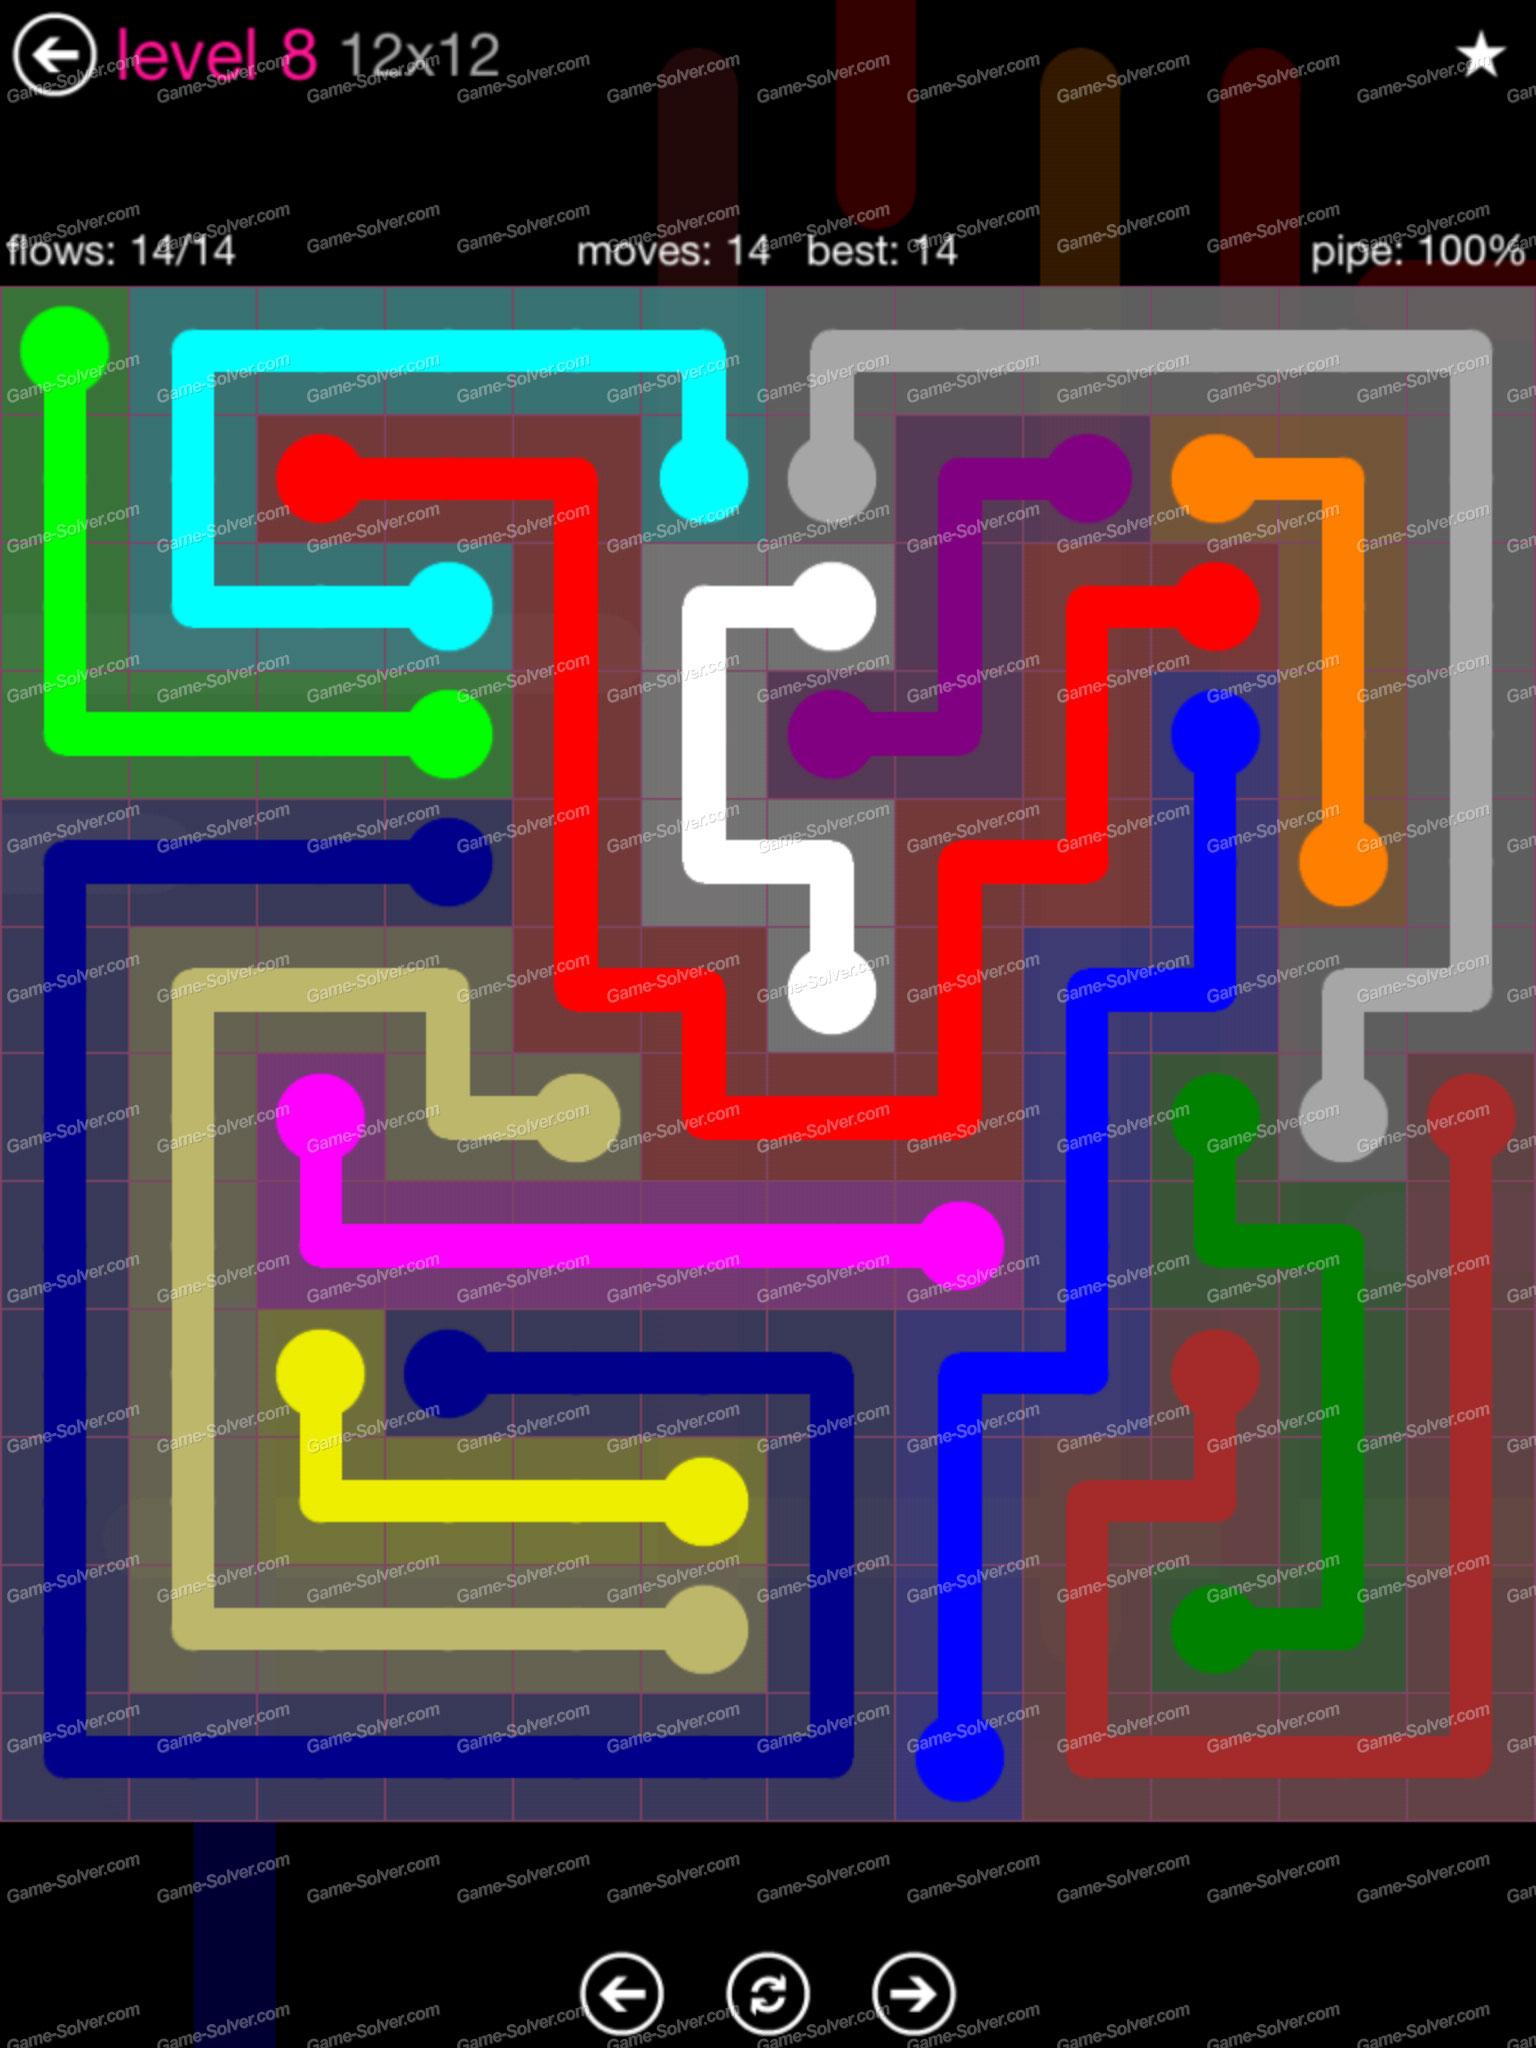 flow pink pack 12 12 level 8 game solver. Black Bedroom Furniture Sets. Home Design Ideas